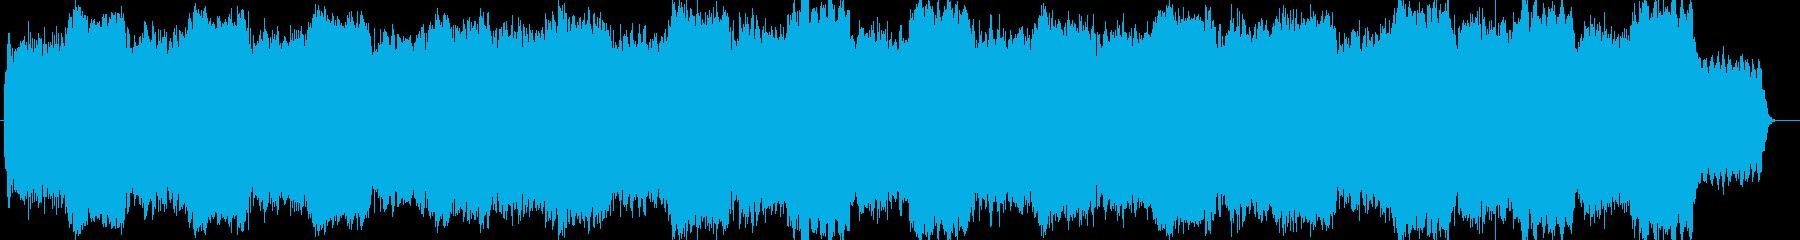 雪解けのようなヒーリングシンセサイザー曲の再生済みの波形